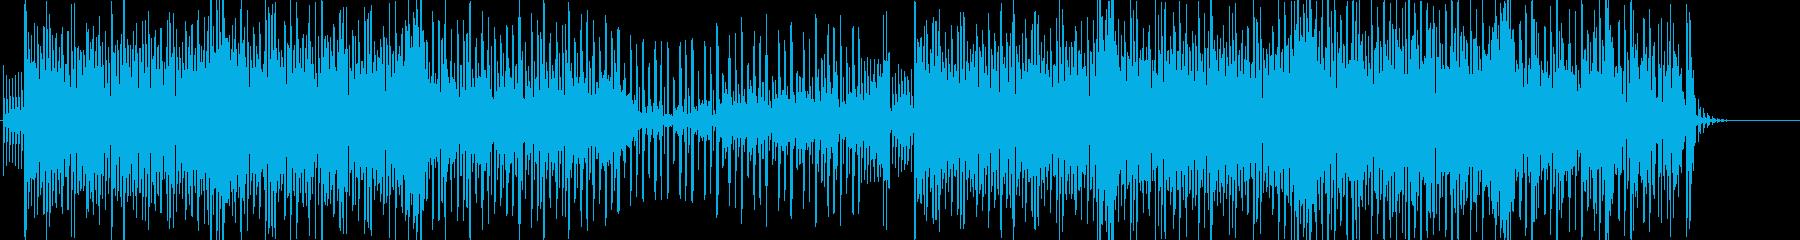 和風な昔風エレクトロポップスの再生済みの波形